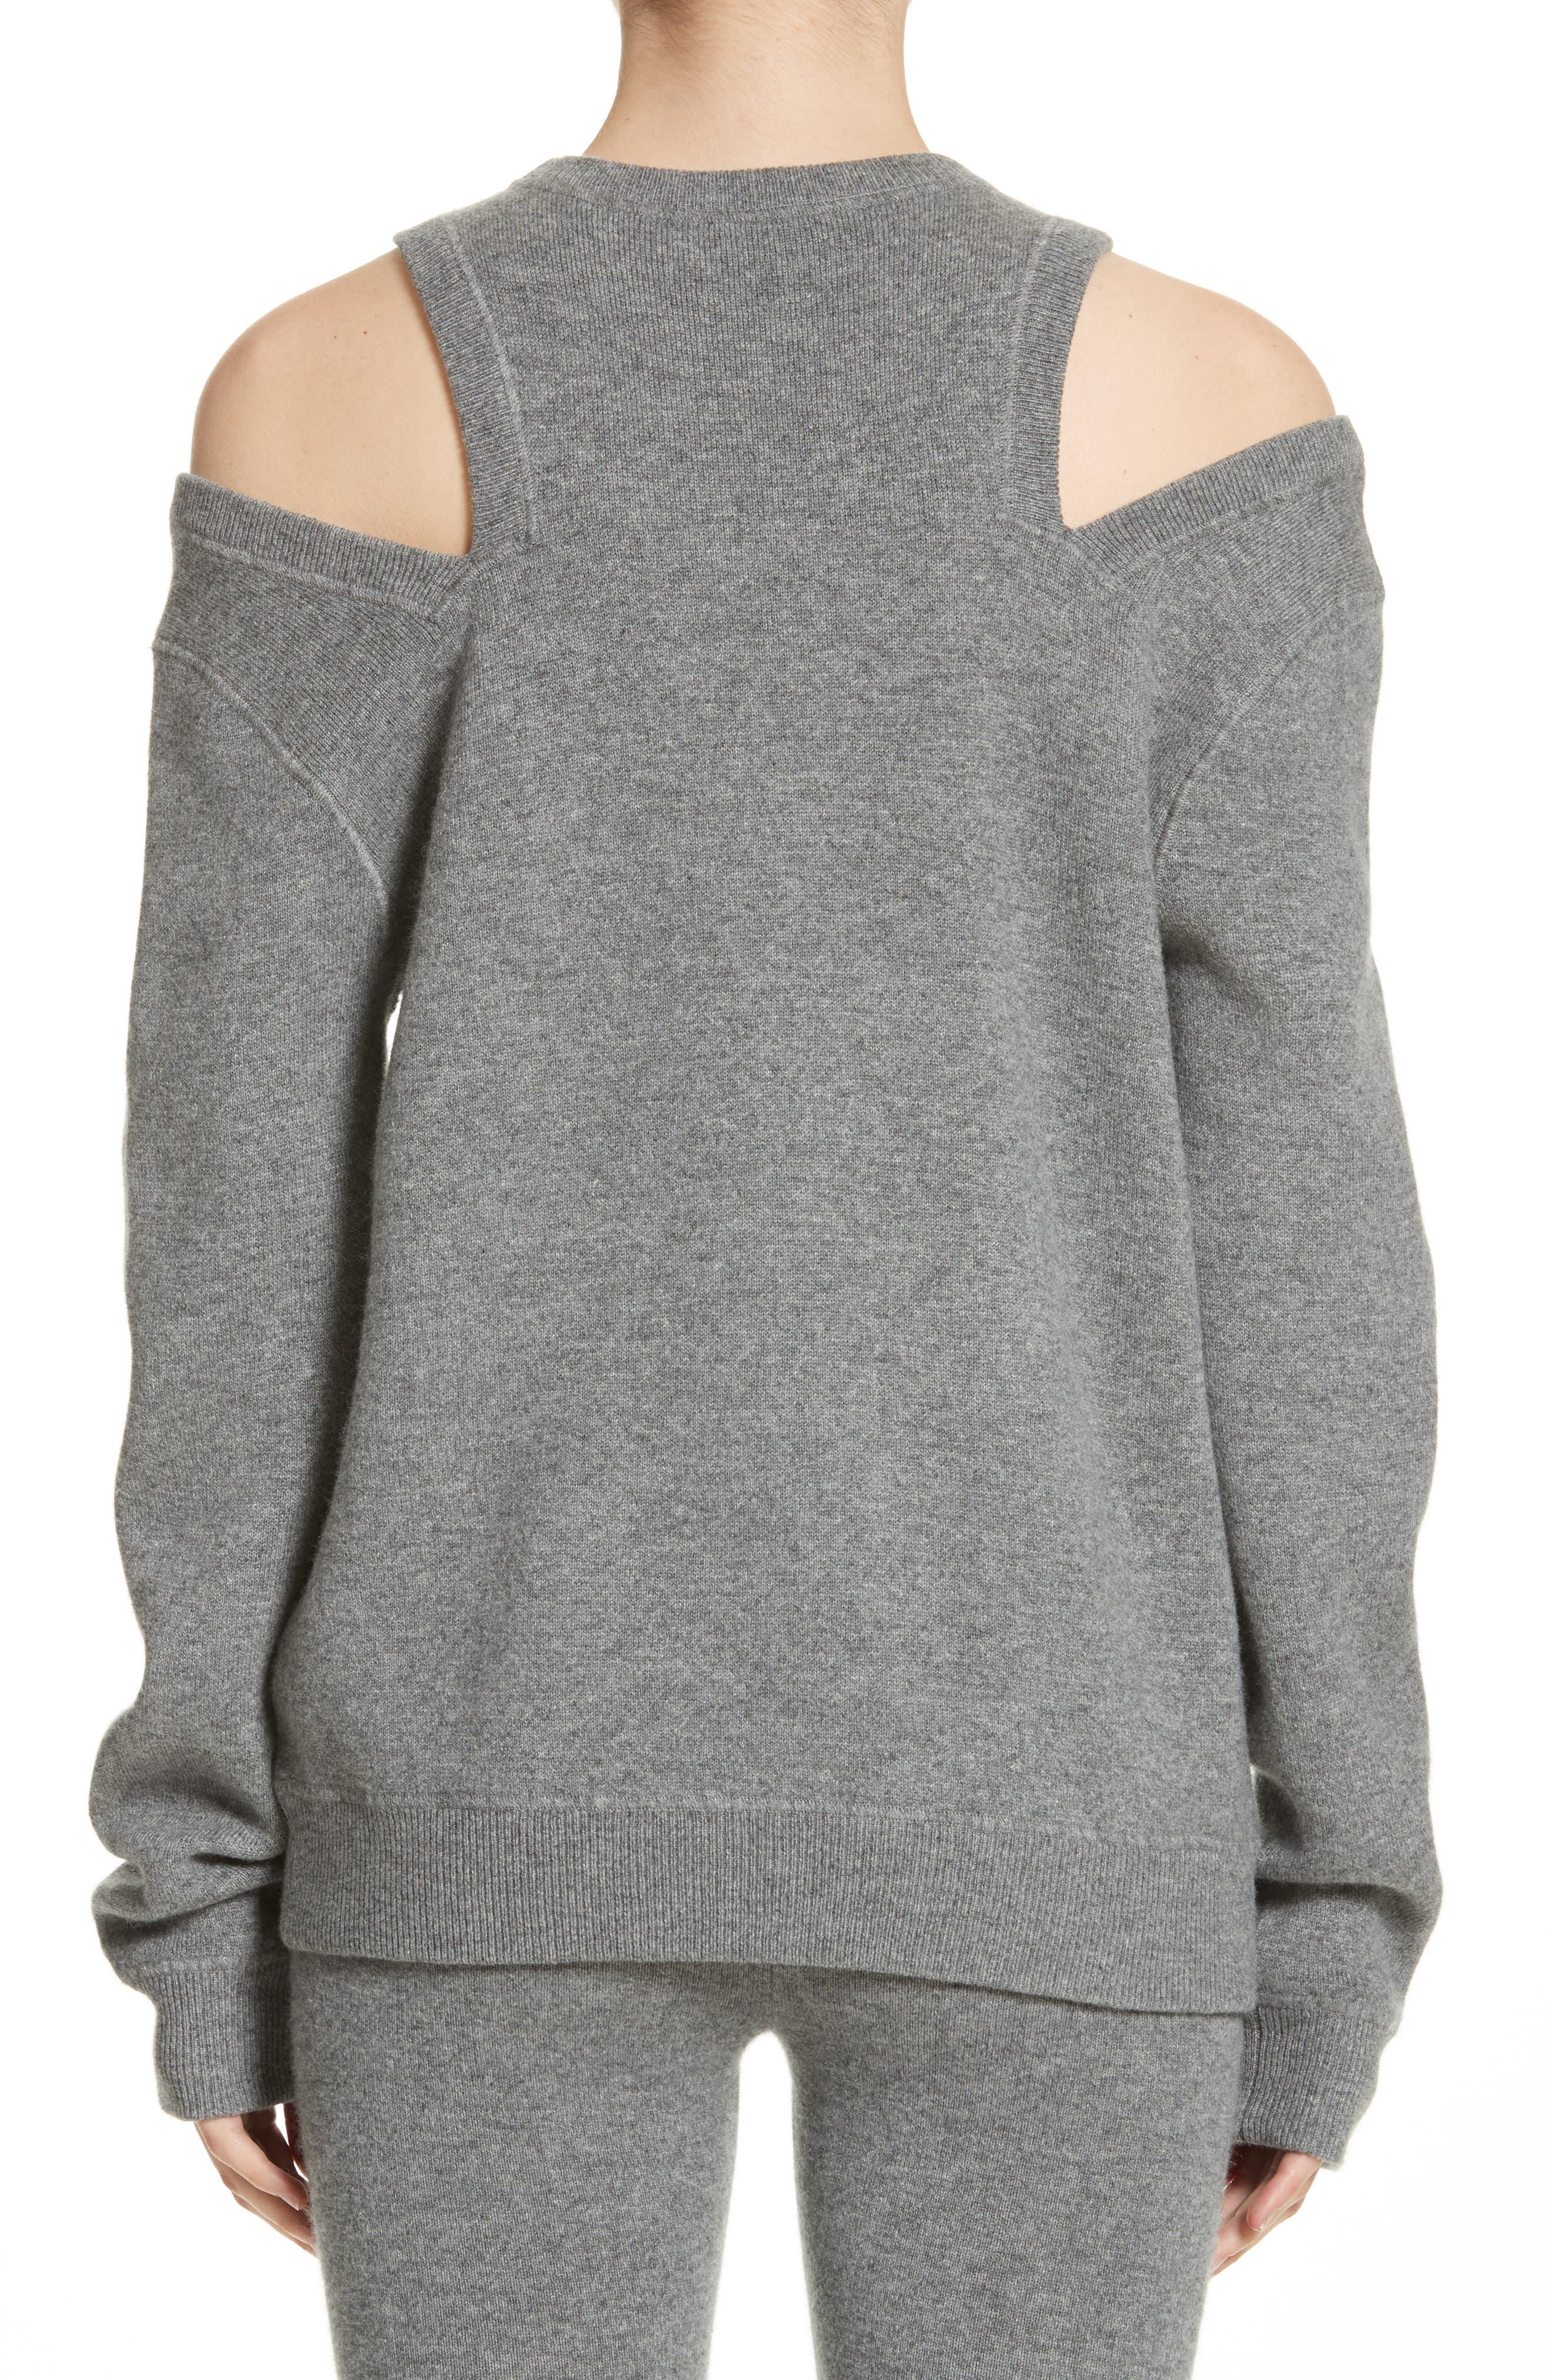 Alternate Image 2  - Michael Kors Cold Shoulder Sweater